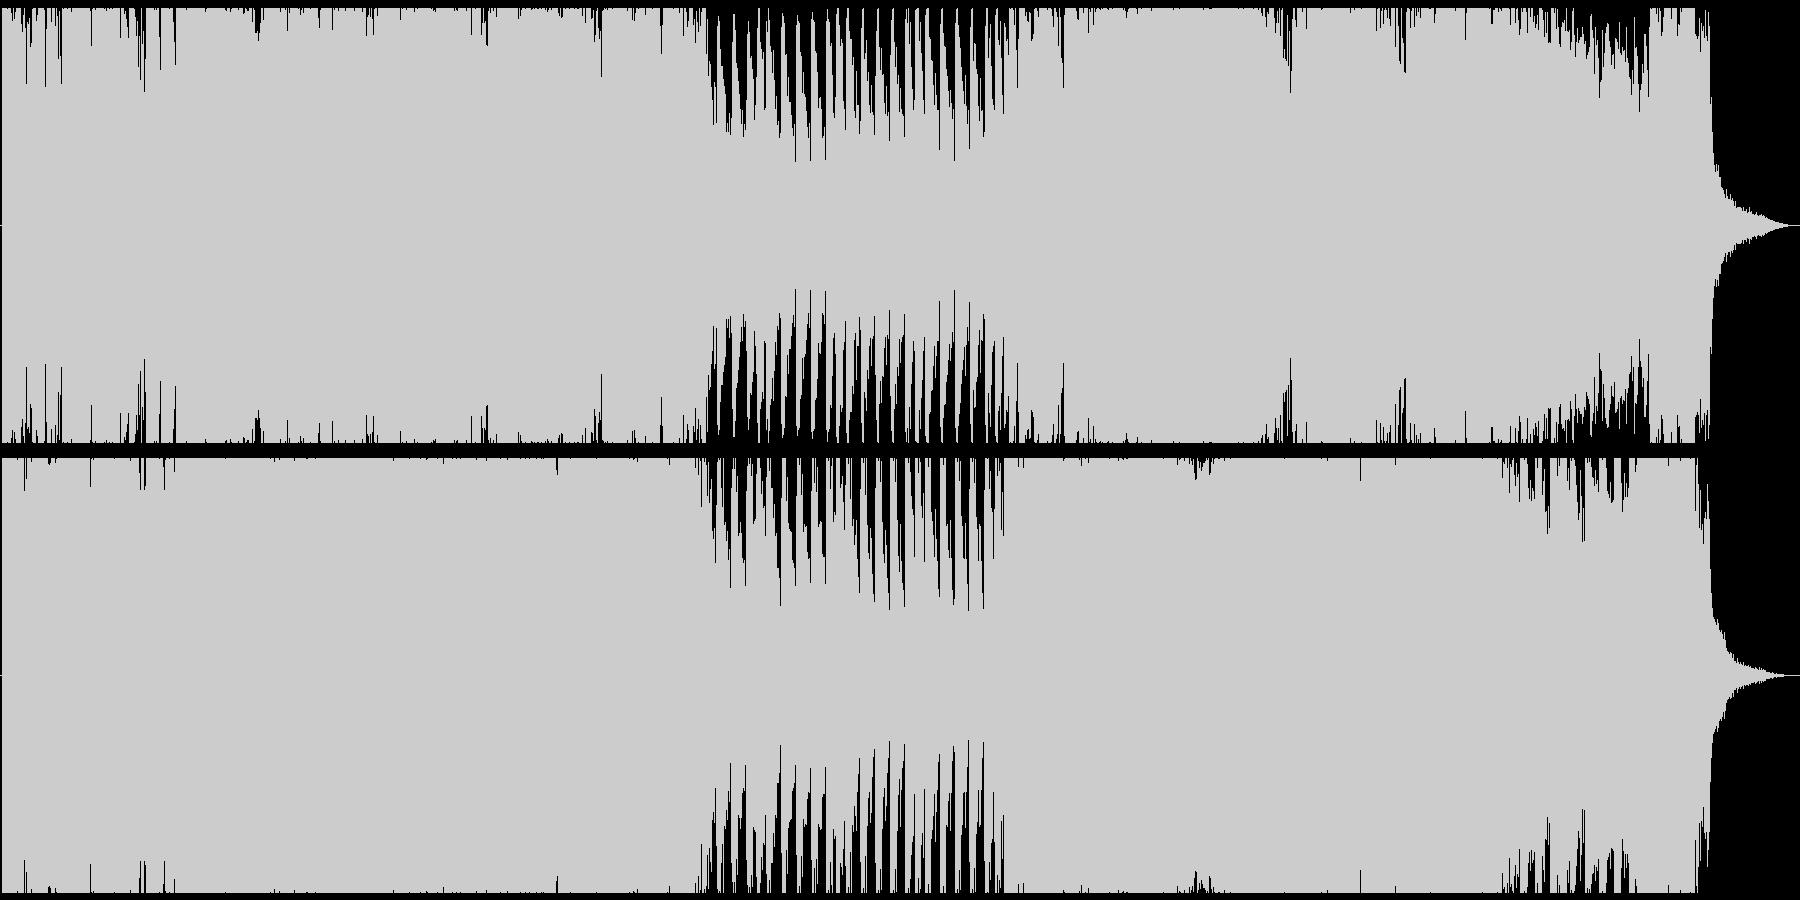 フラメンコテイストの迫力あるオーケストラの未再生の波形